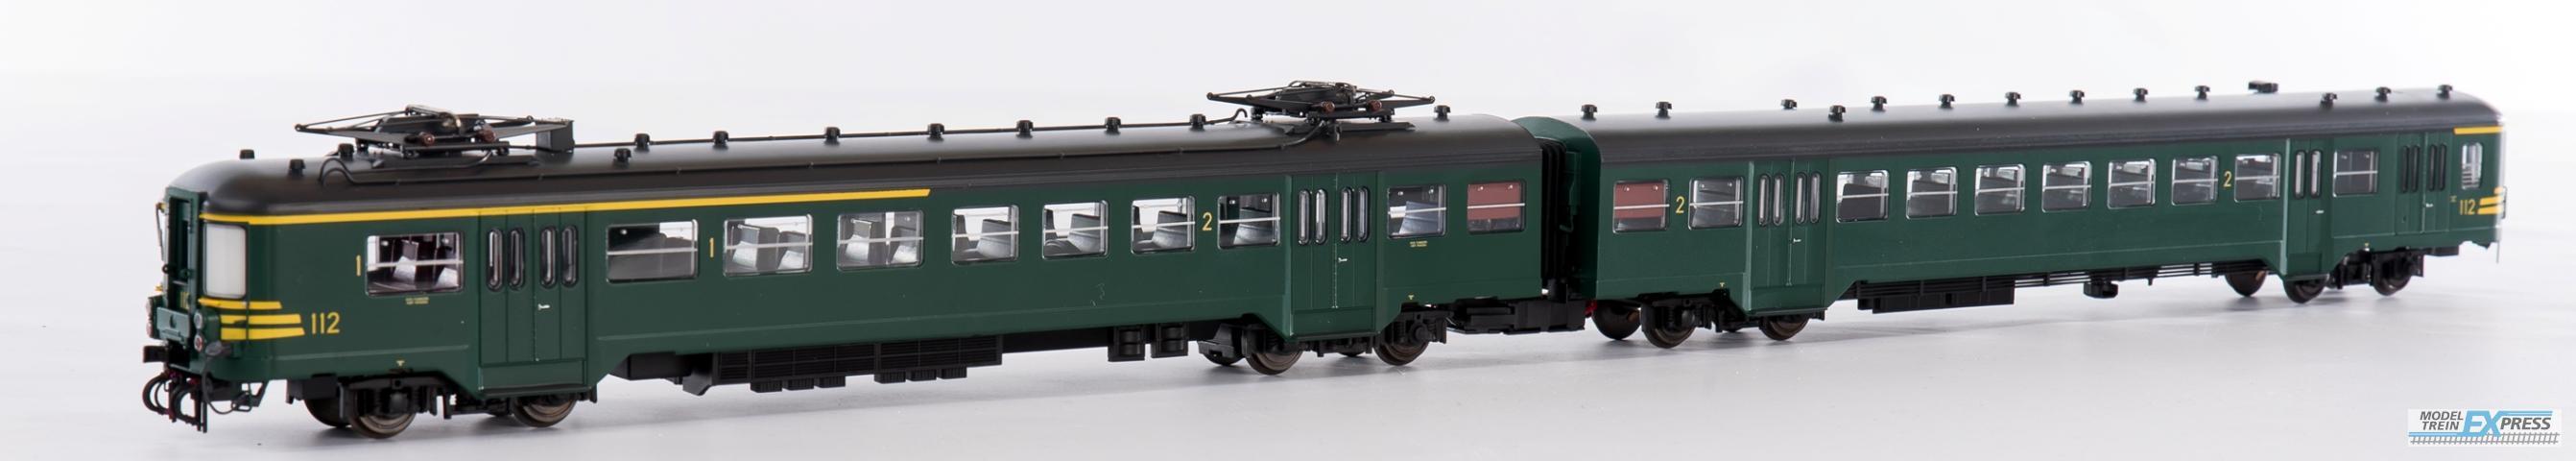 B-Models 7002.01